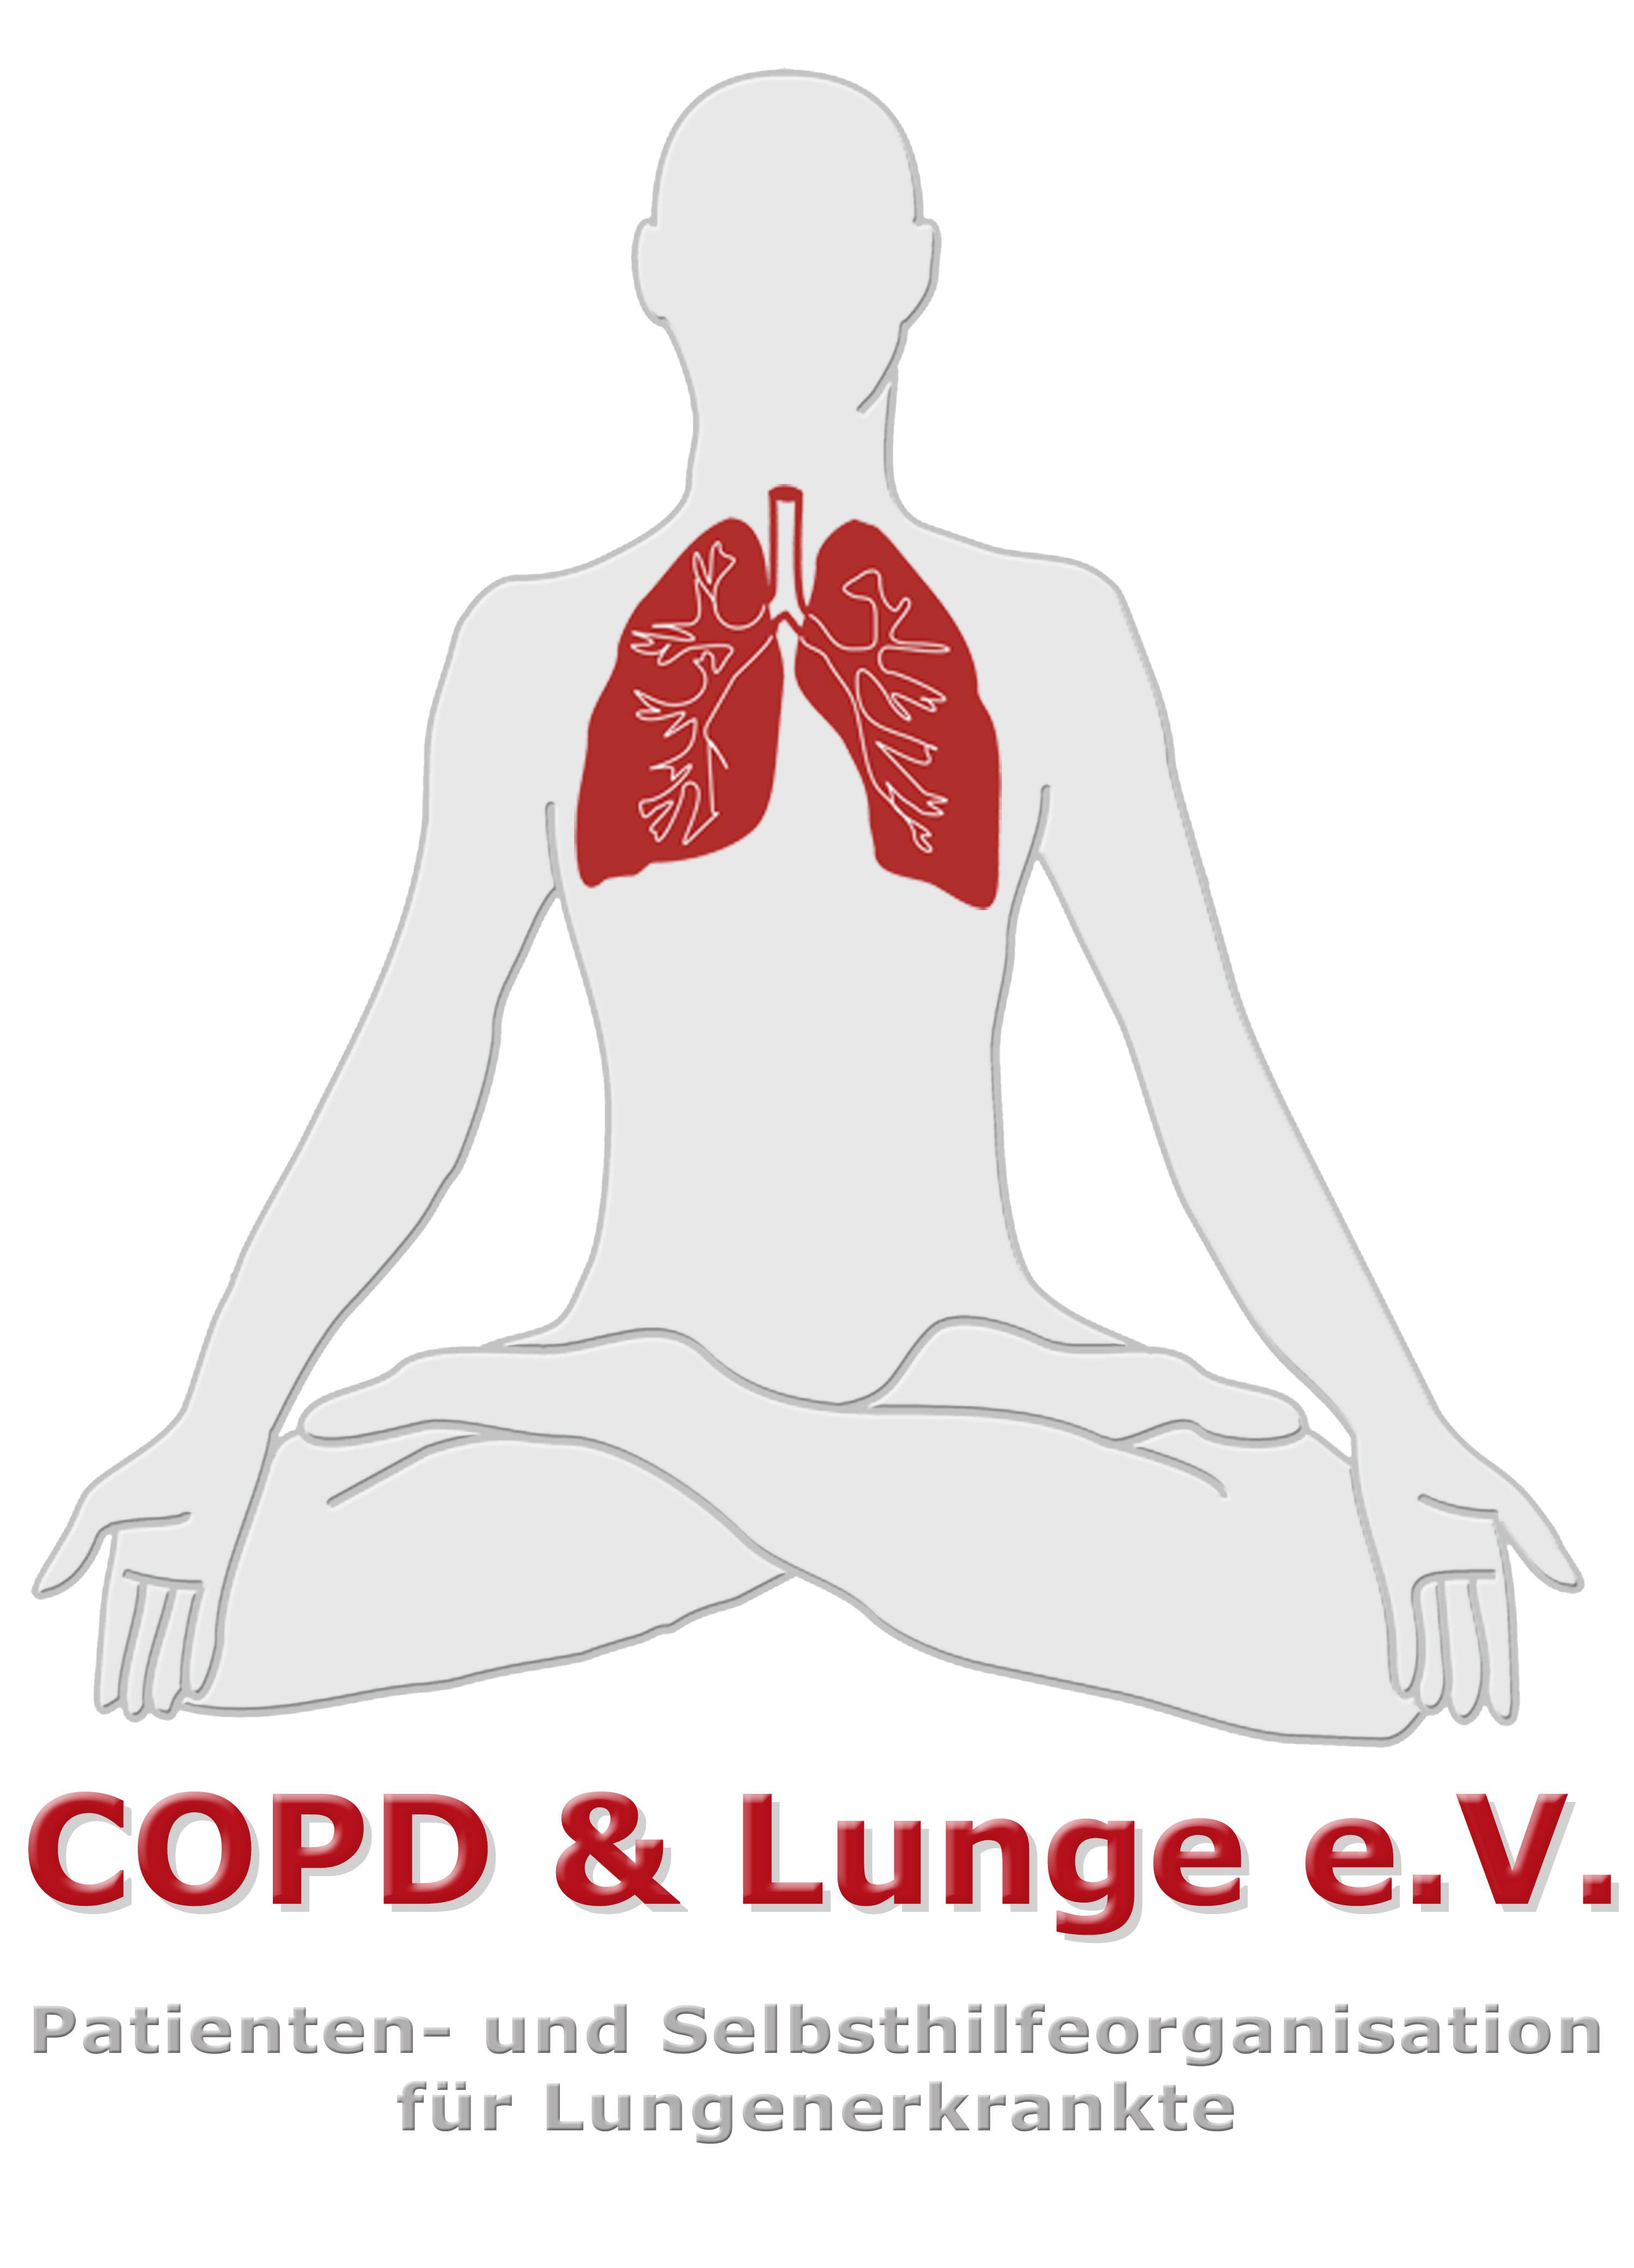 Patienten- und Selbsthilfeorganisation COPD & Lunge Region Aachen – Würselen